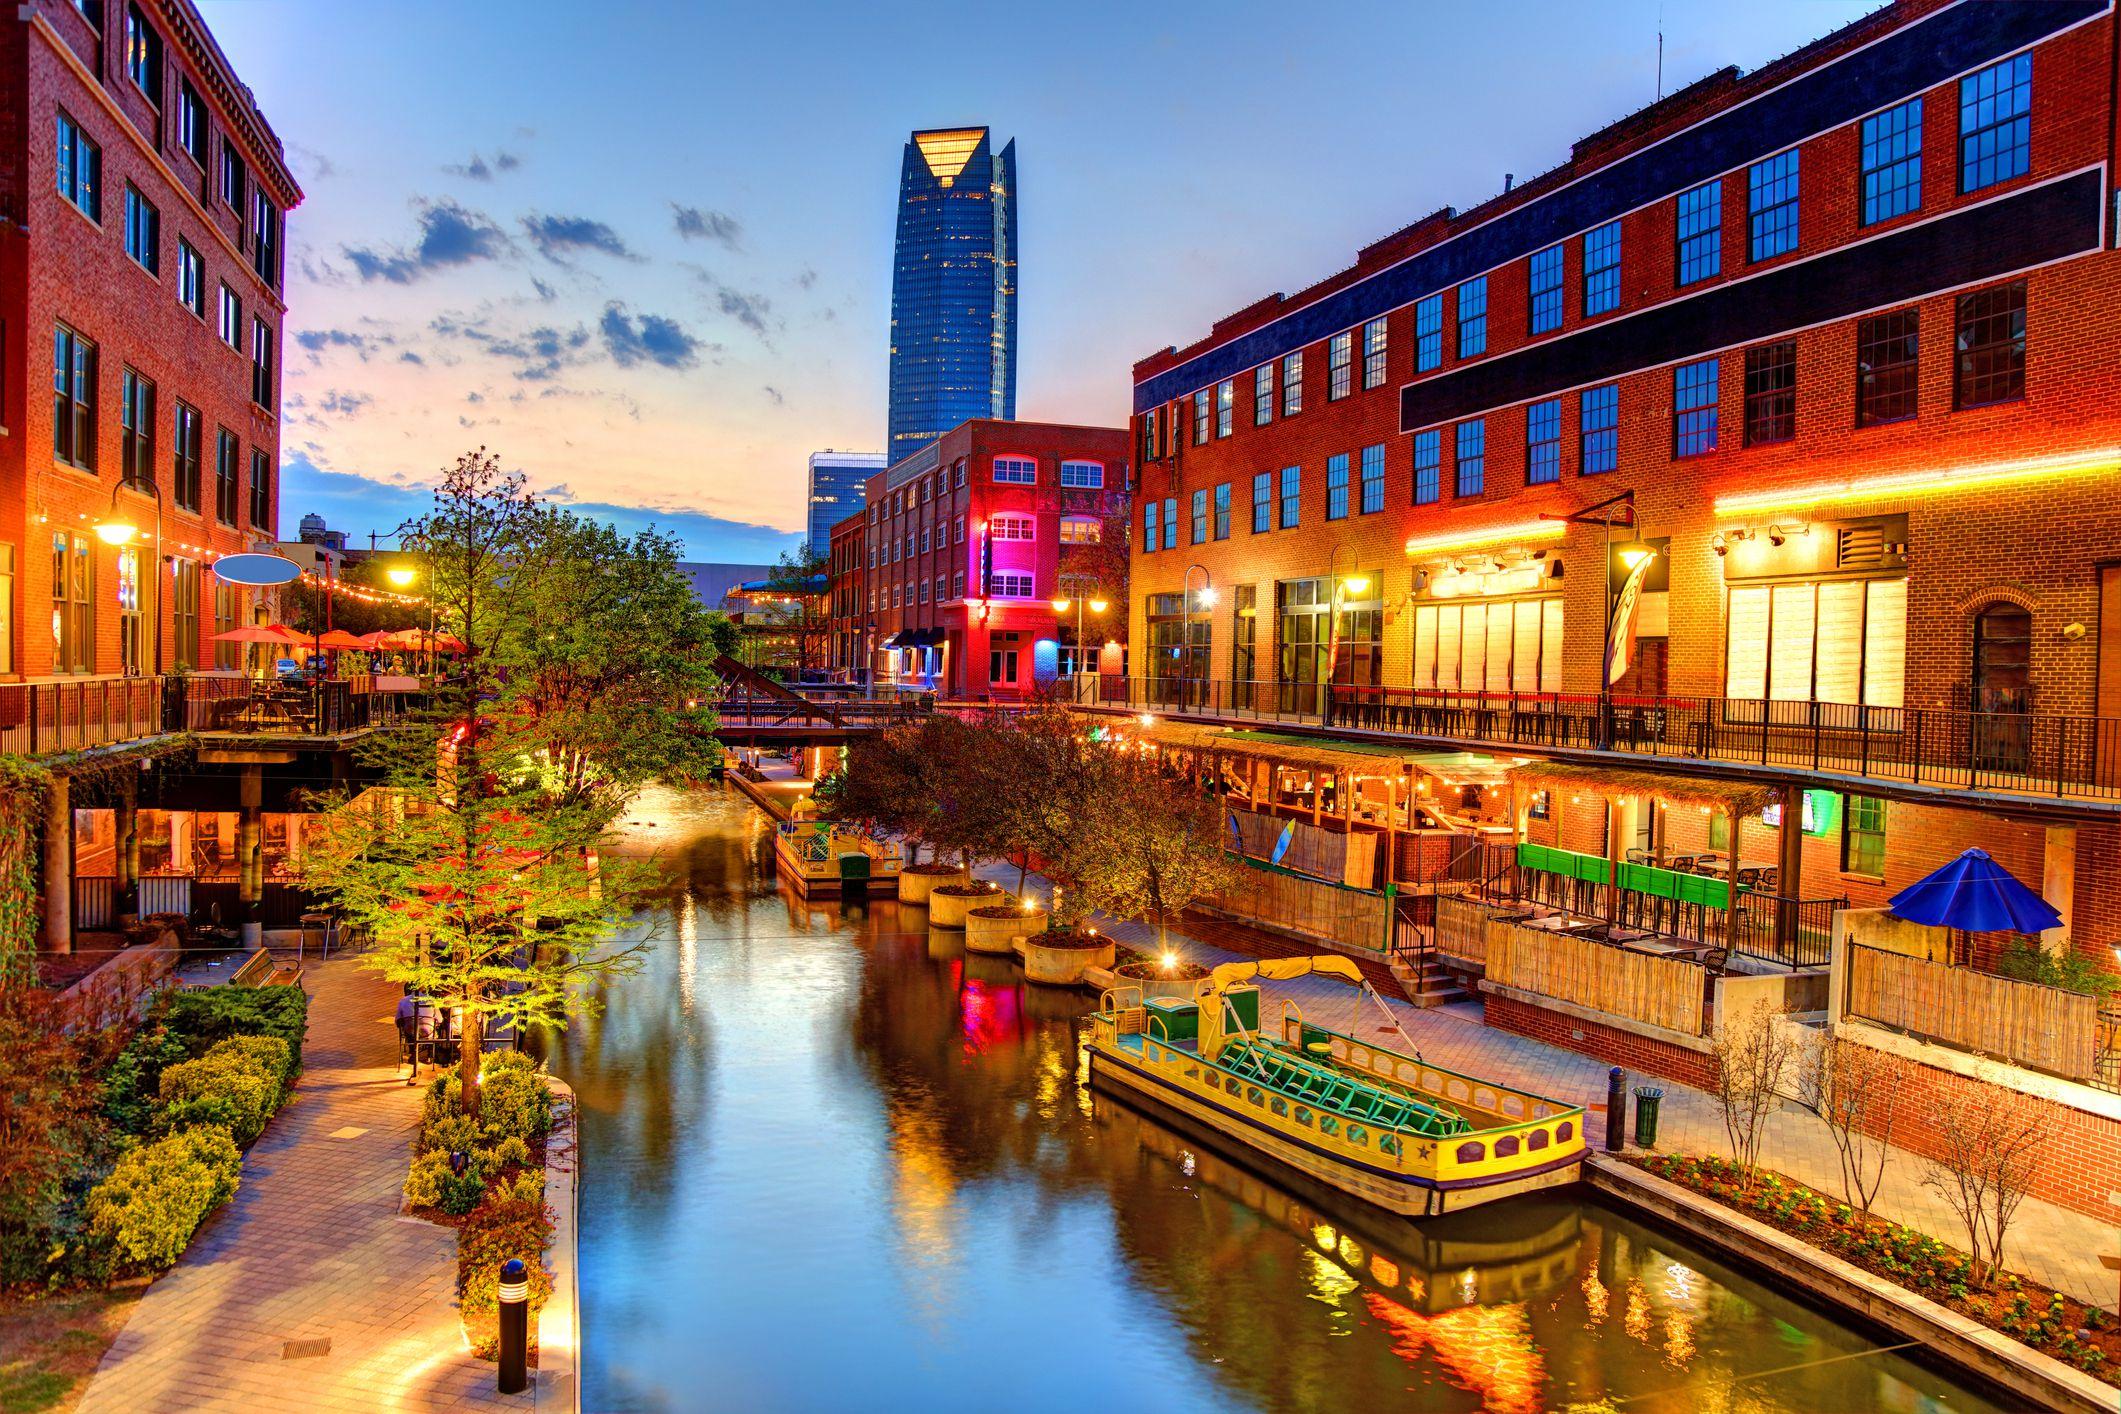 bricktown--oklahoma-city-1030367104-5bf1a14cc9e77c00263c6a40.jpg